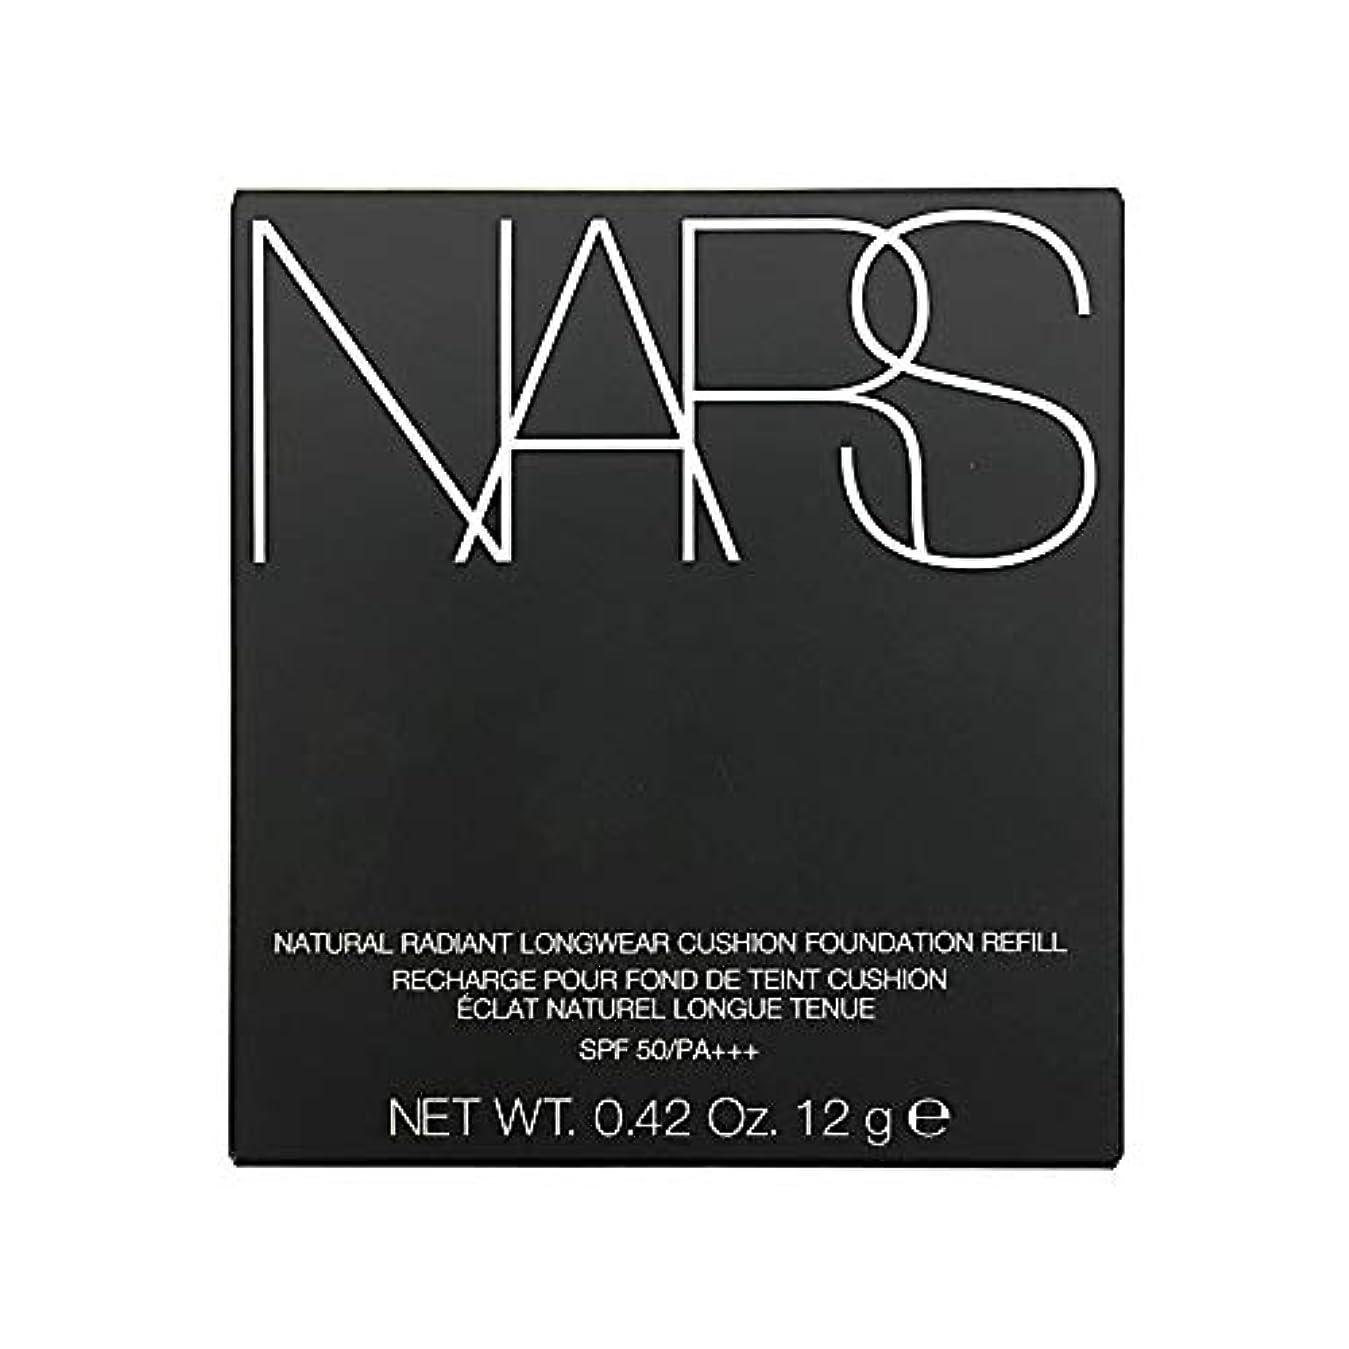 滅びる顕微鏡小麦粉ナーズ/NARS ナチュラルラディアント ロングウェア クッションファンデーション(レフィル)#5877 [ クッションファンデ ] [並行輸入品]